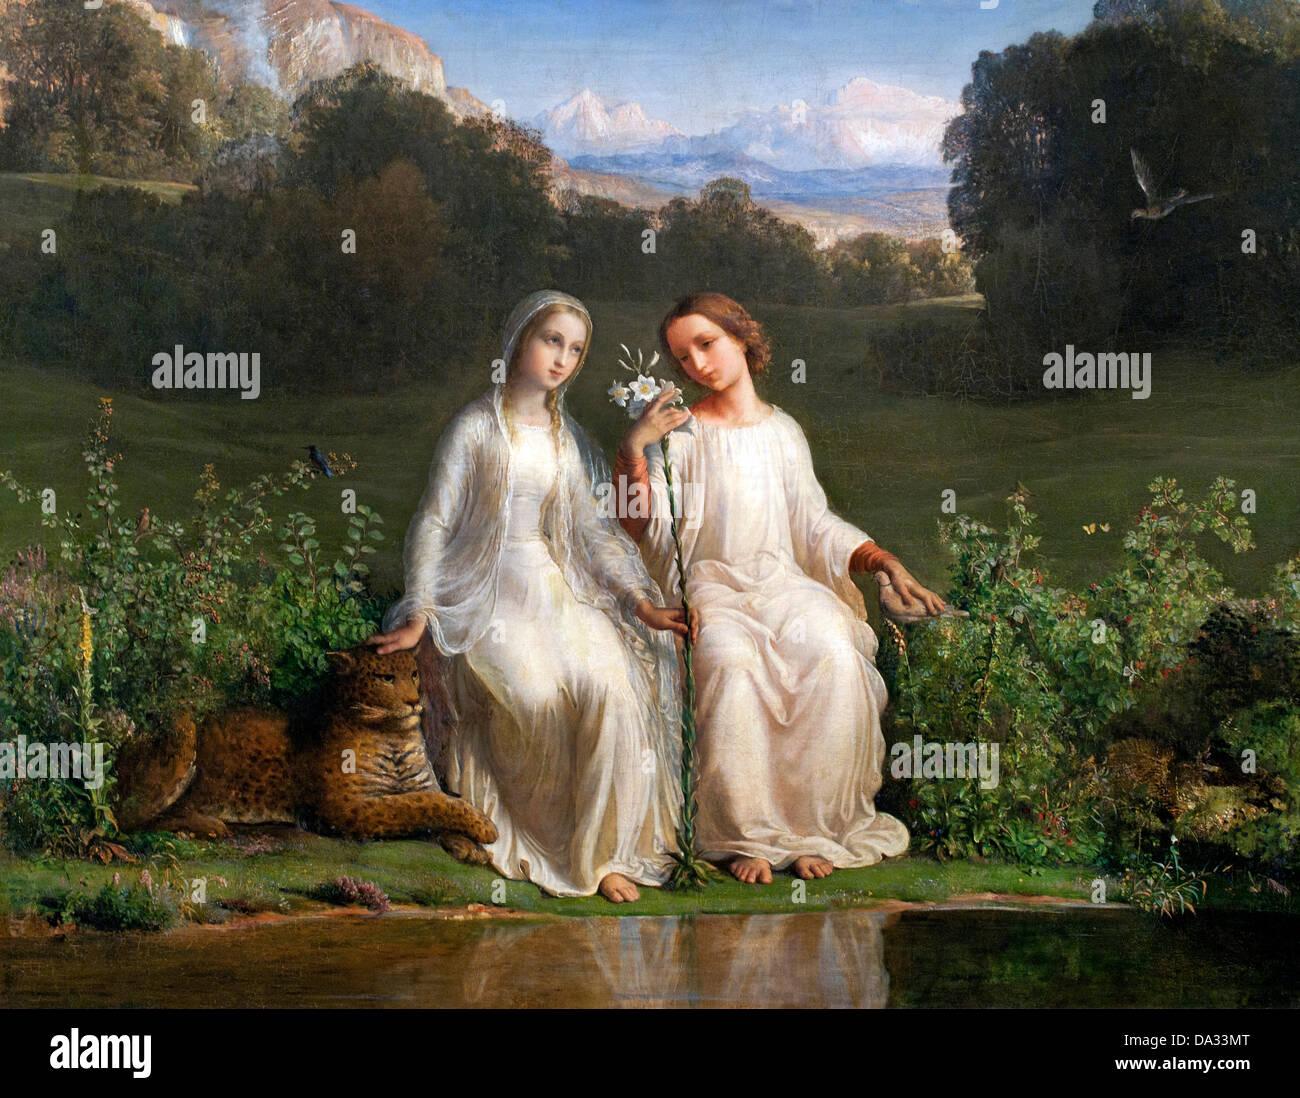 Virginitas - Le poeme de l'ame - The poem of the soul by Louis Janmot 1814-1892 France - Stock Image